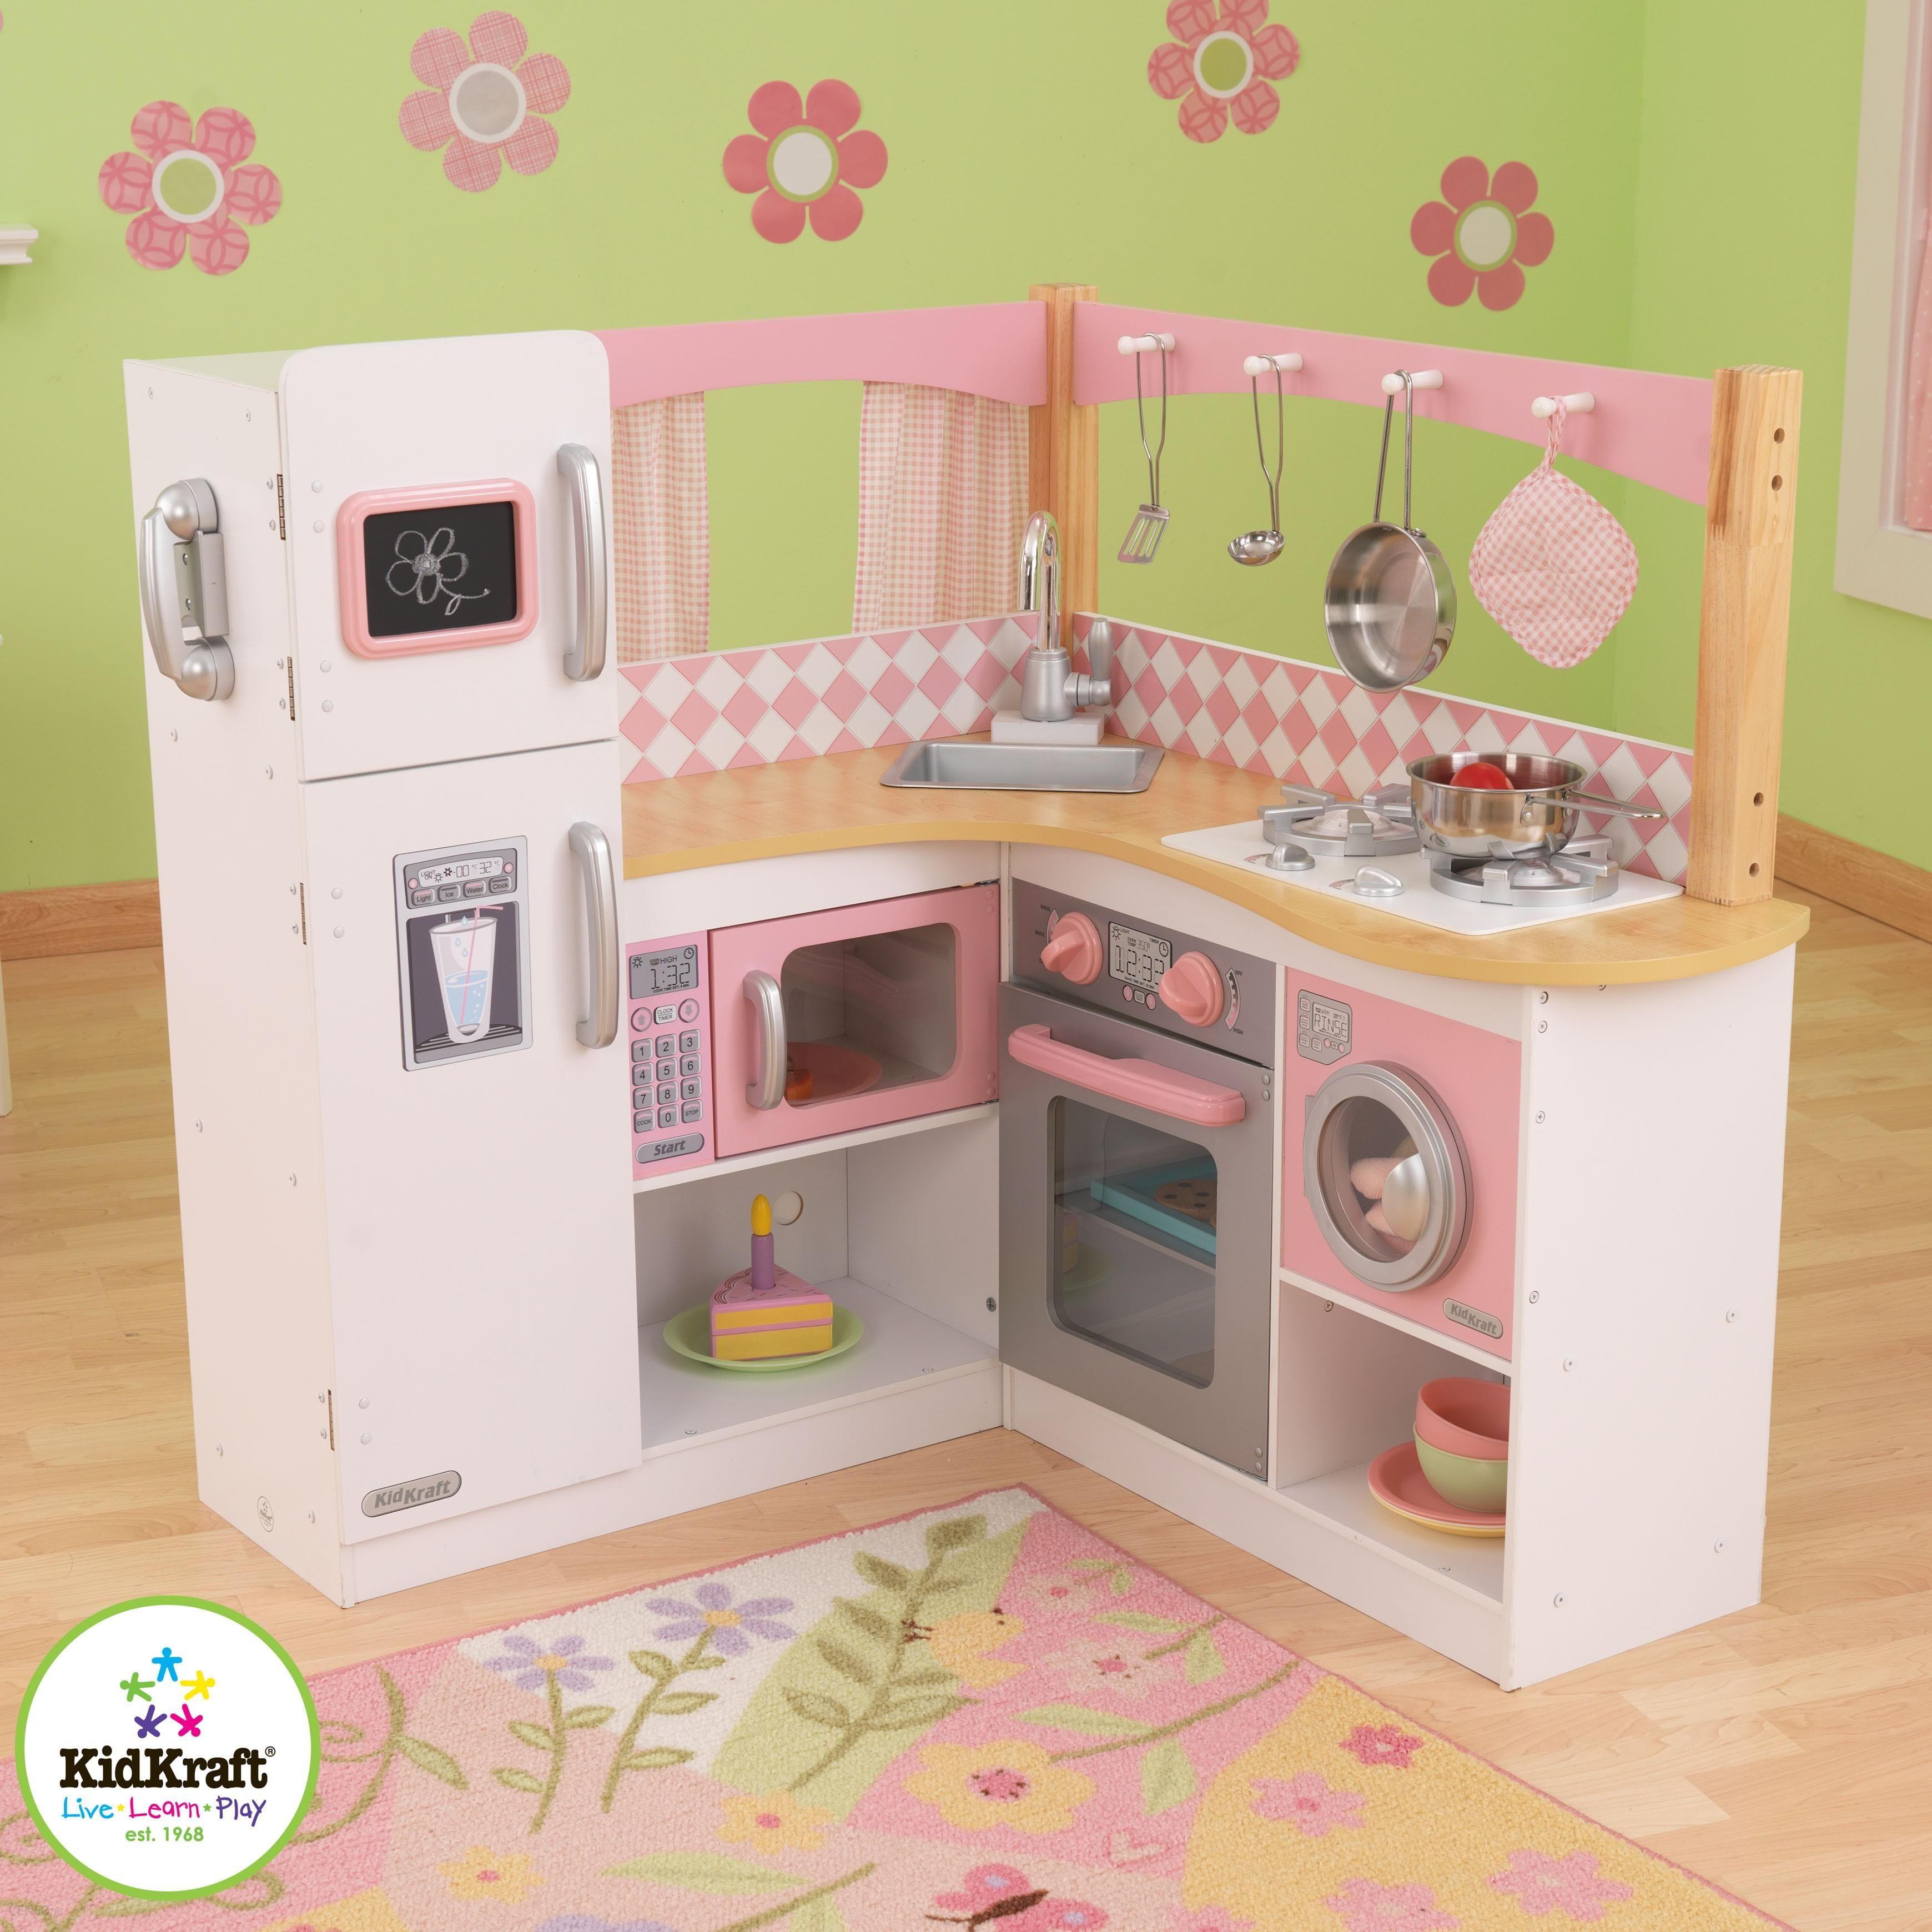 Drewniana Kuchnia Dla Dzieci Aktualne Oferty Ceneo Pl